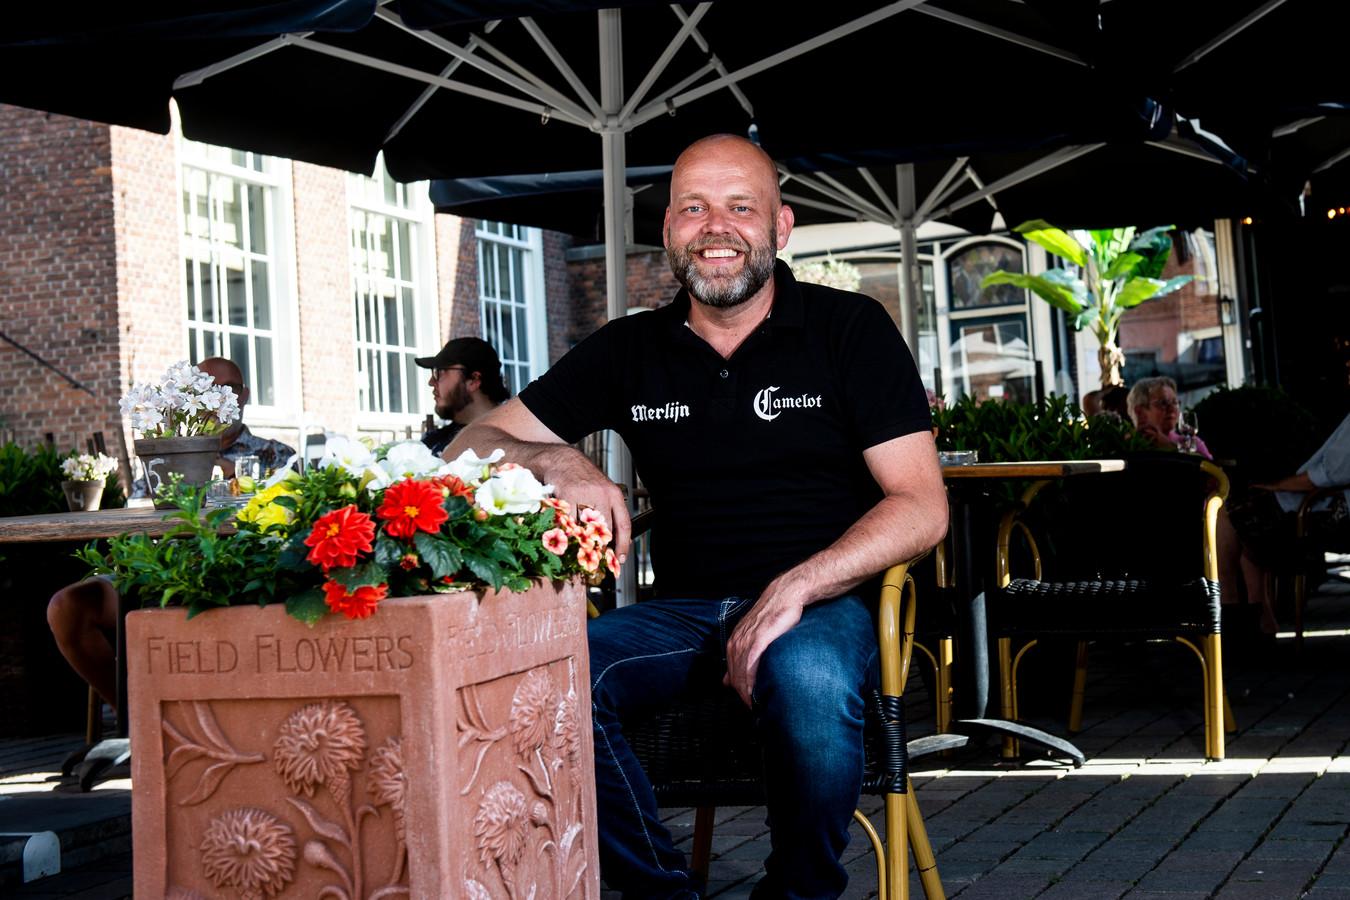 Remy Koppel van café Camelot in Zutphen zet de beelden van de bloembakschopper niet online.